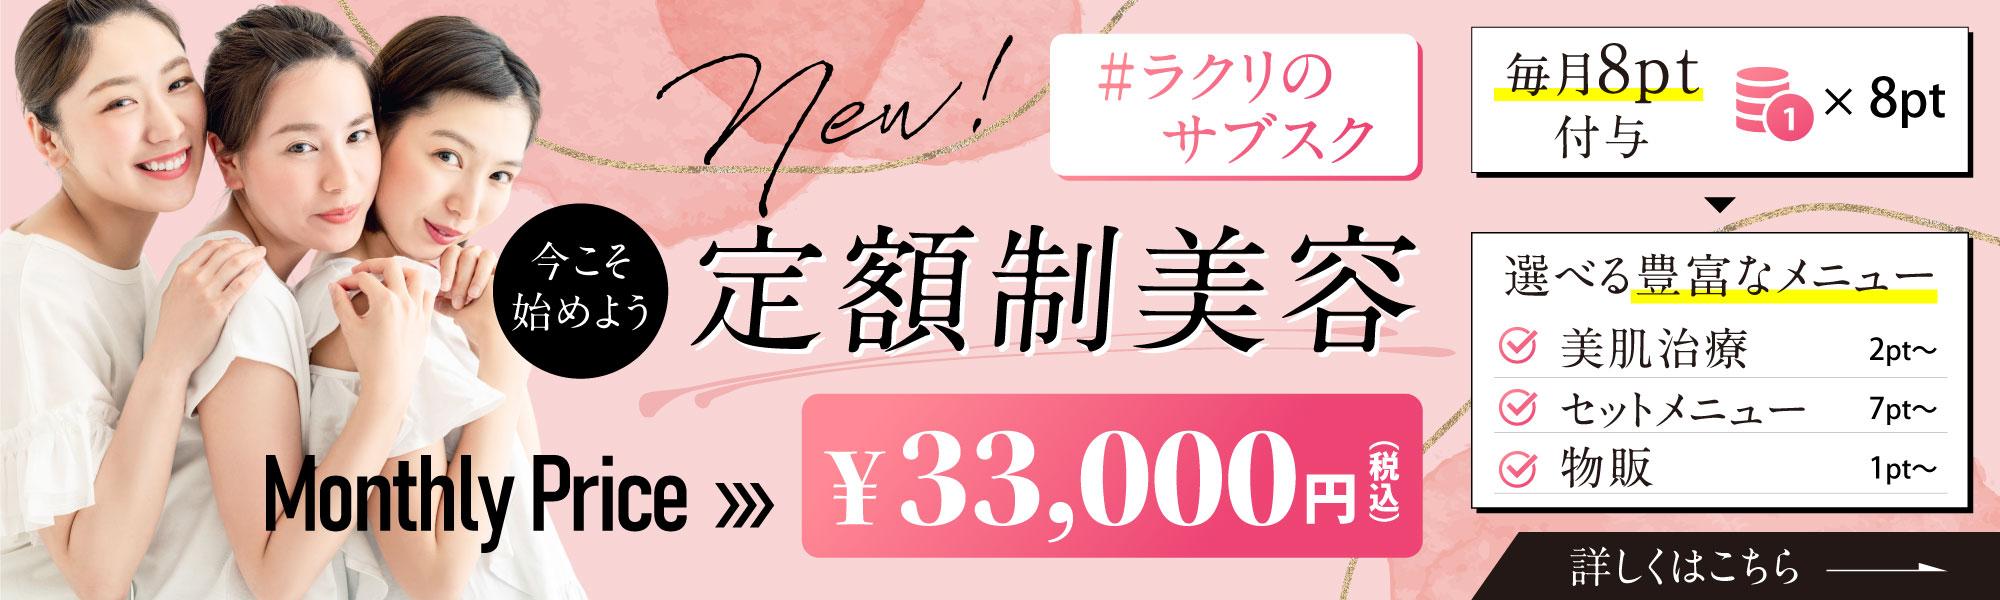 ナガセのサブスク 定額制美容 月額33,000円